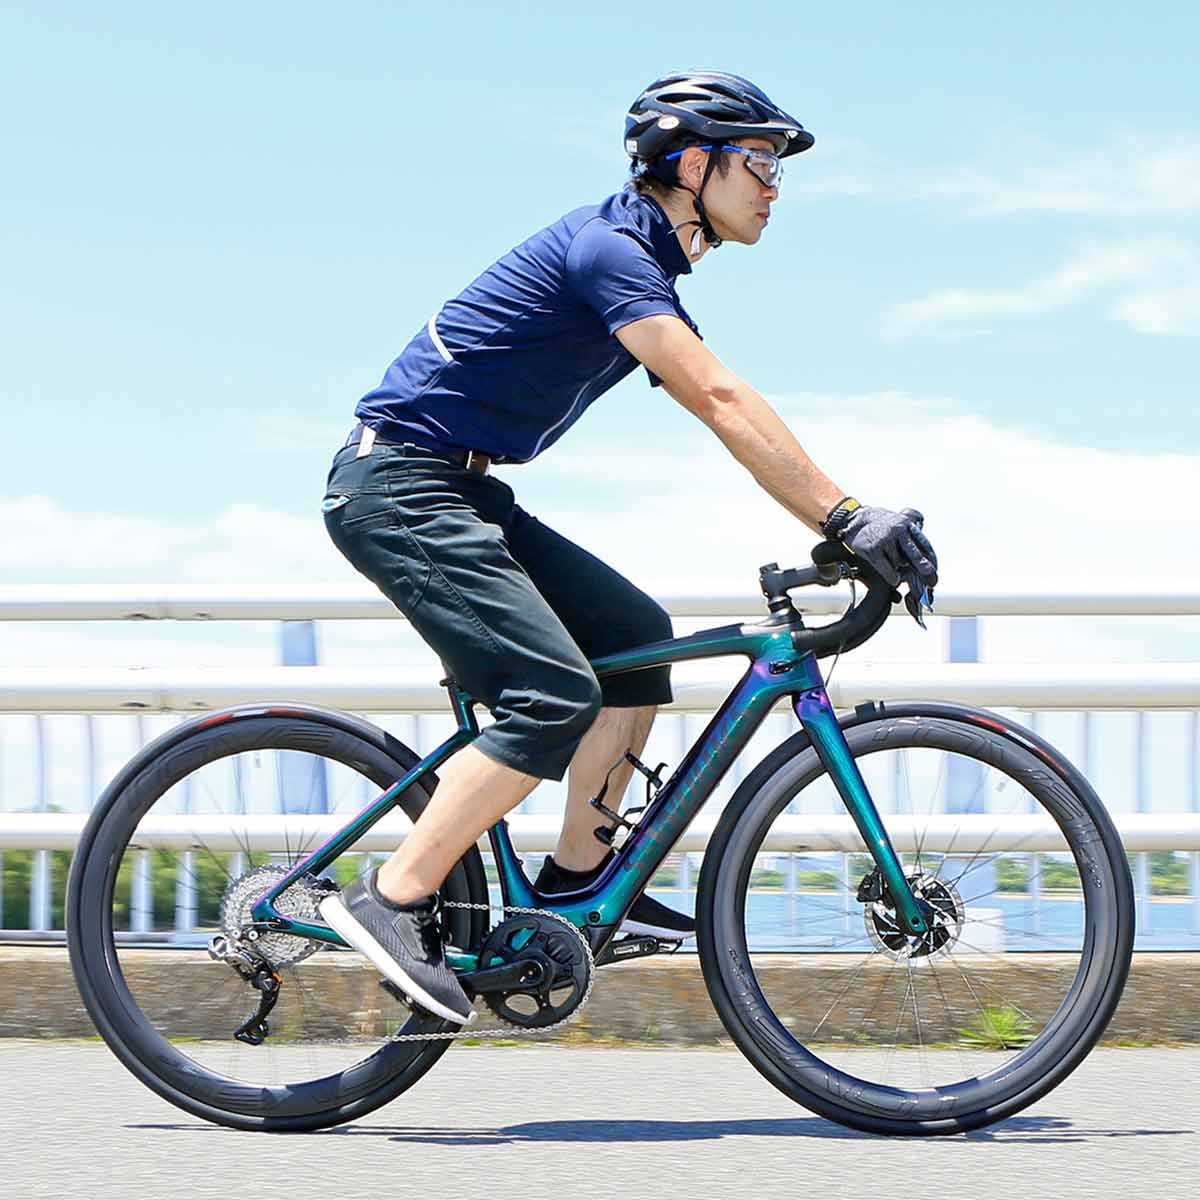 ロードバイク乗りが思い描く理想のe-Bikeかも!? スペシャライズド「S-WORKS TURBO CREO SL」